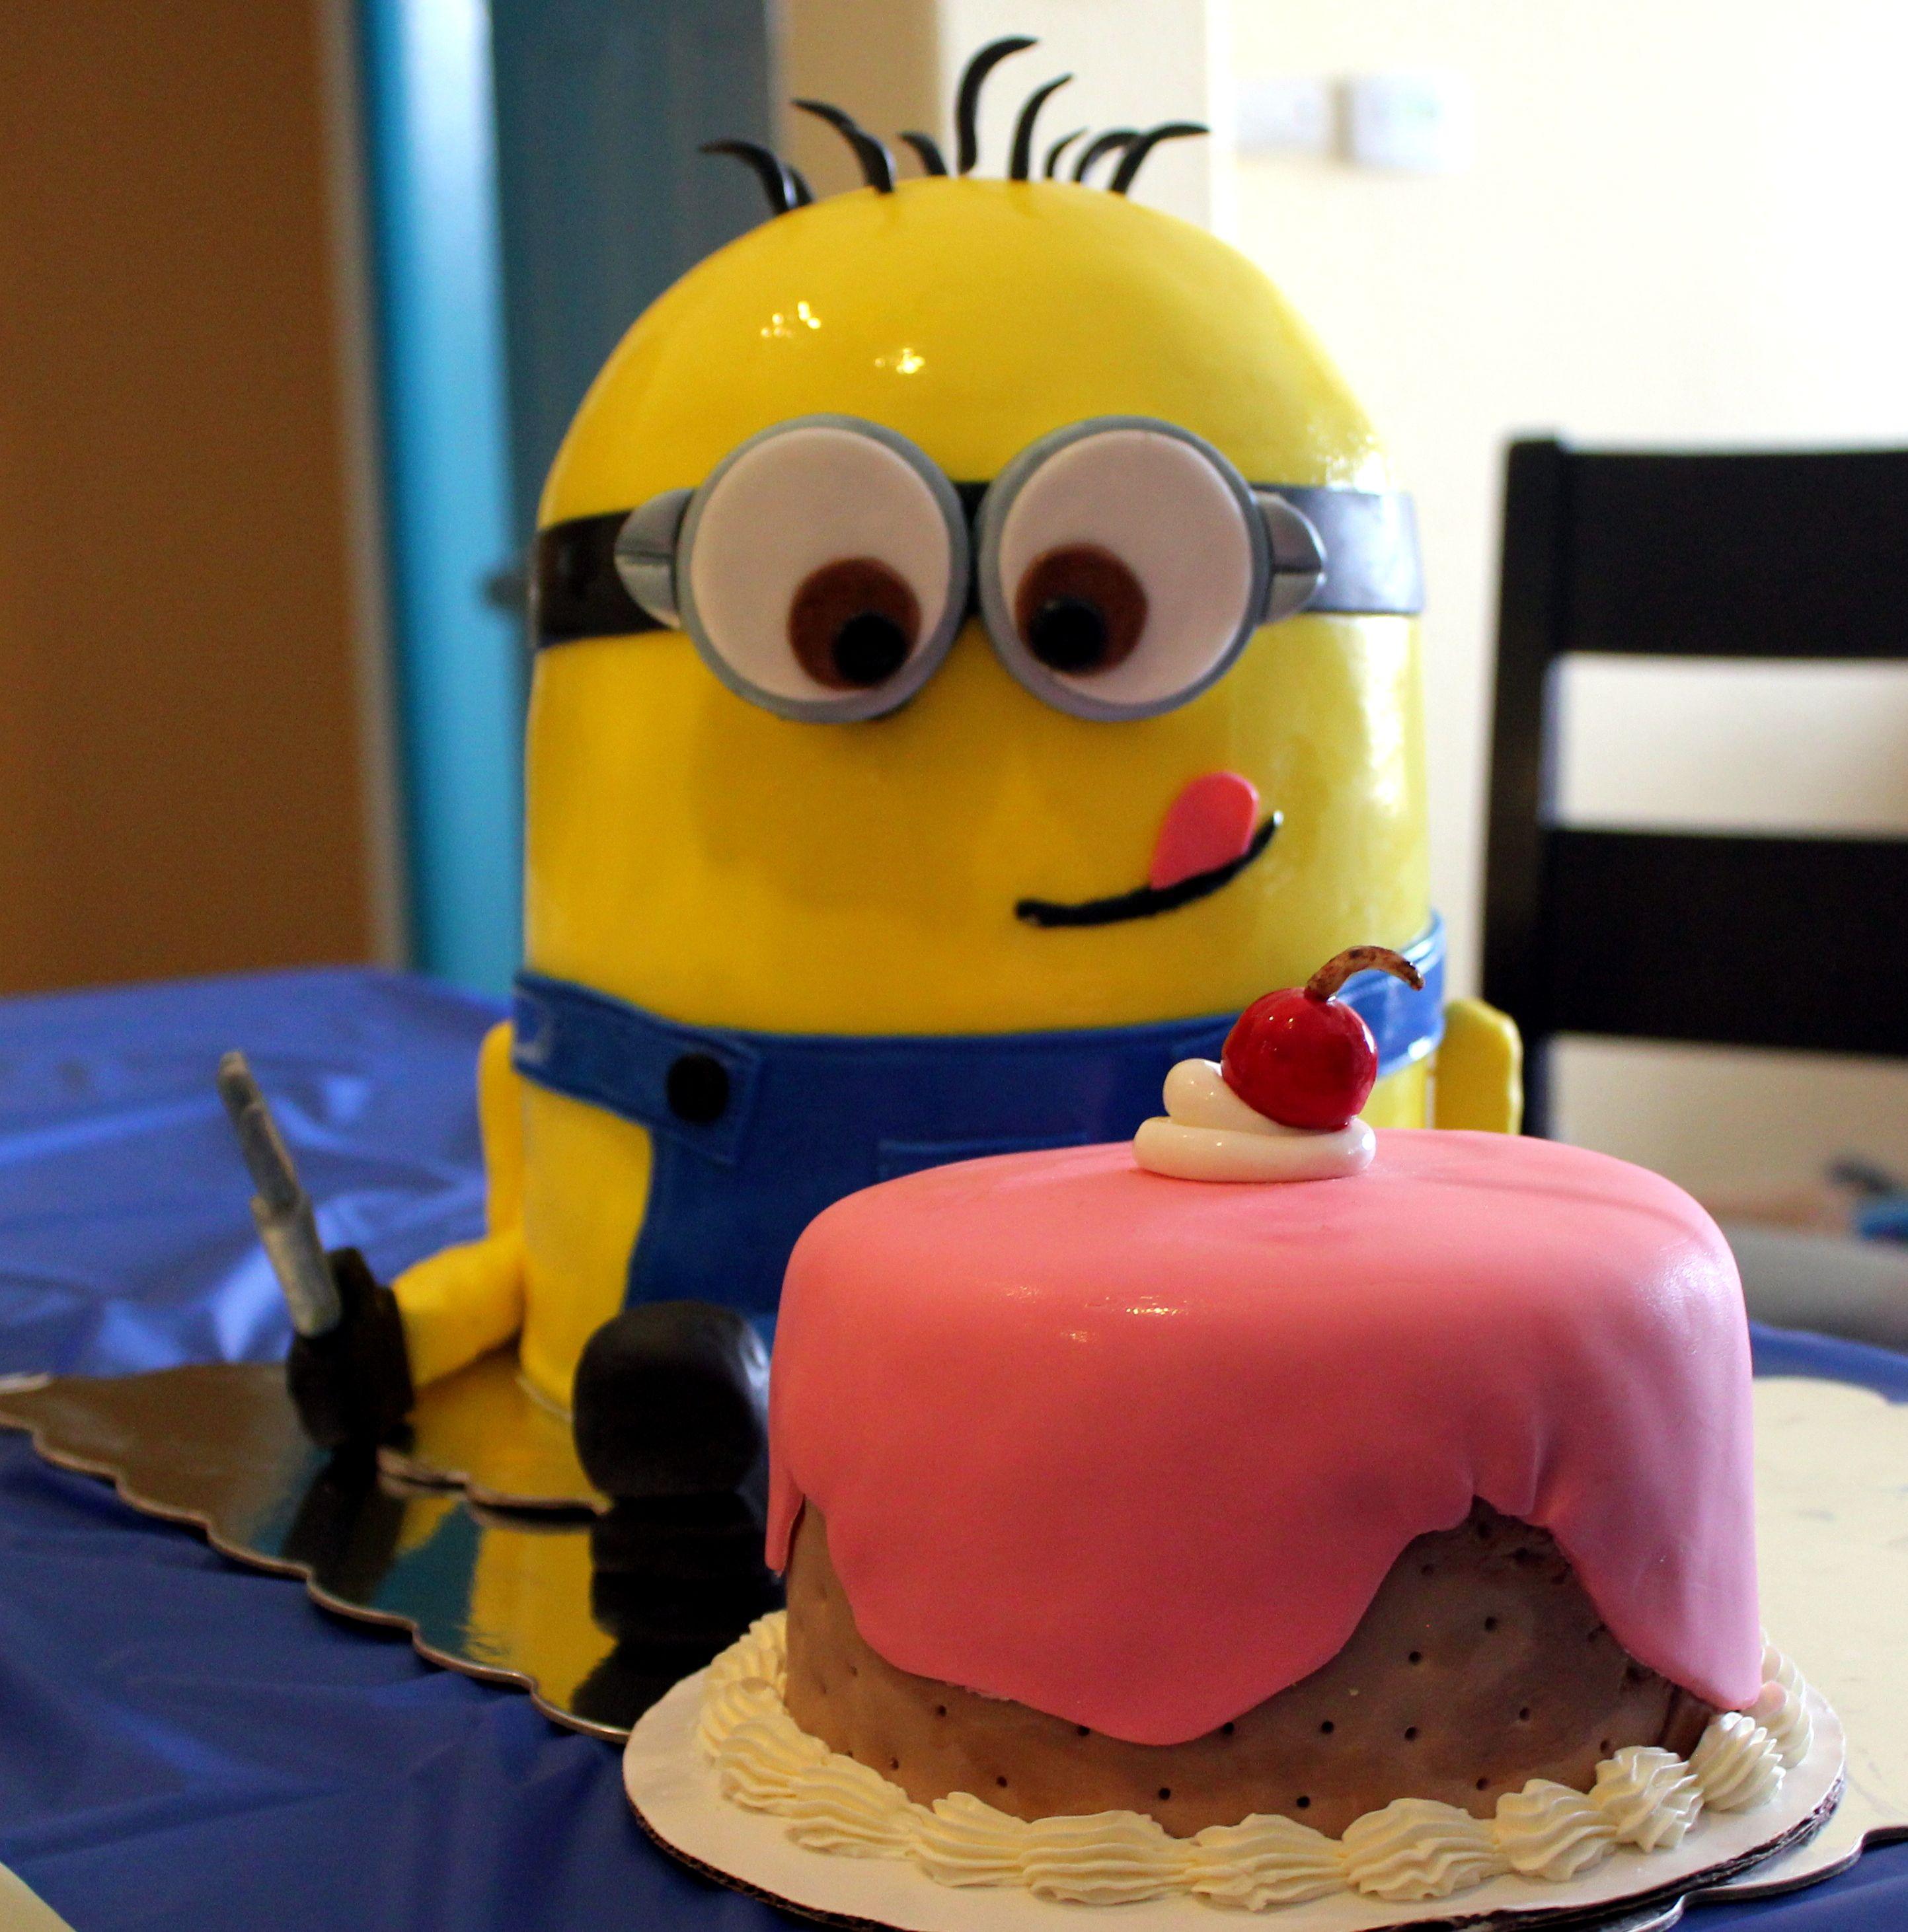 Pinterest Minion Cake Ideas 6391 Minion Cake Cake Designs